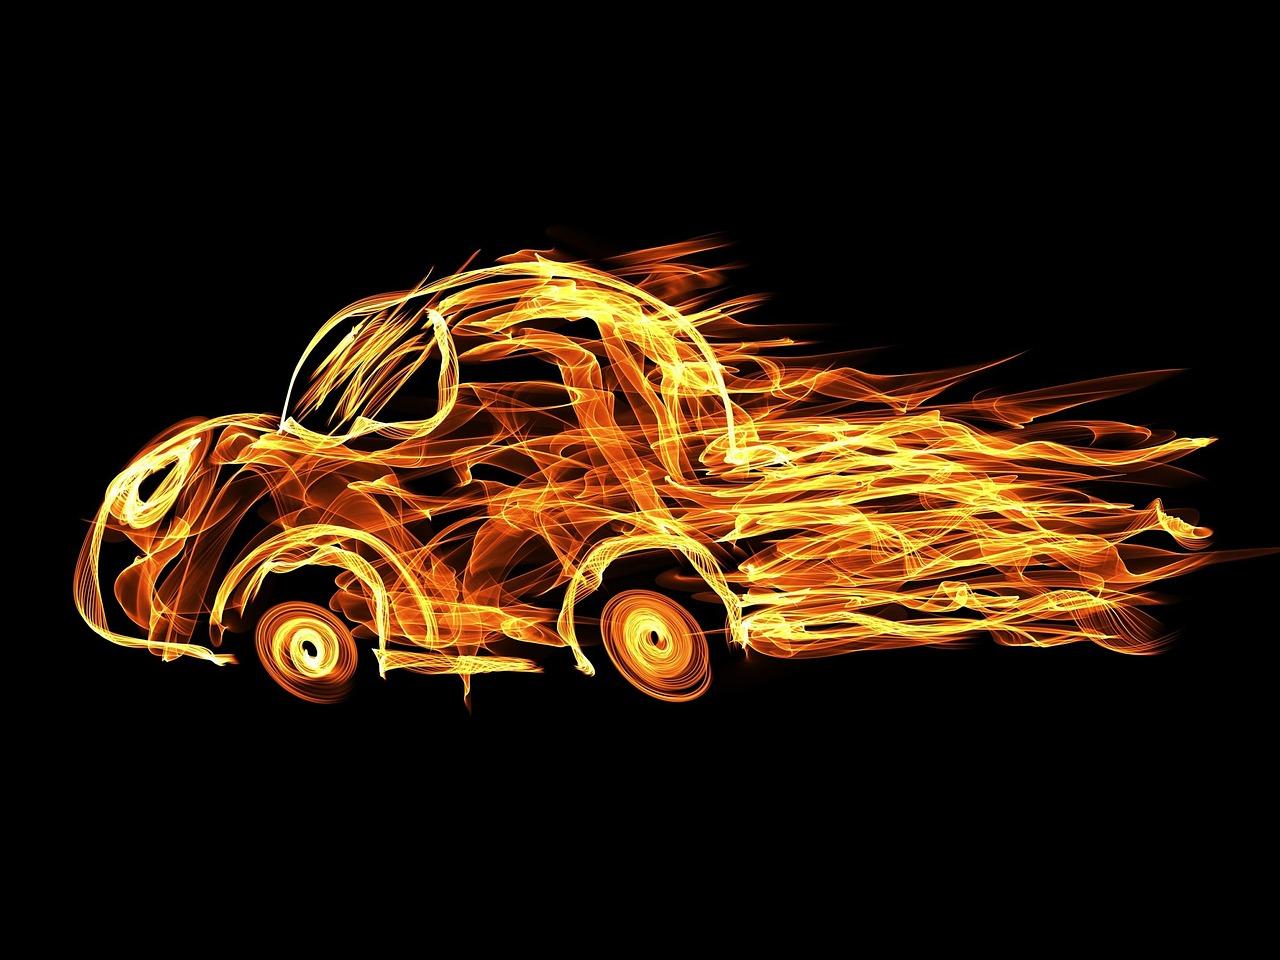 авто в огне картинки окончанию